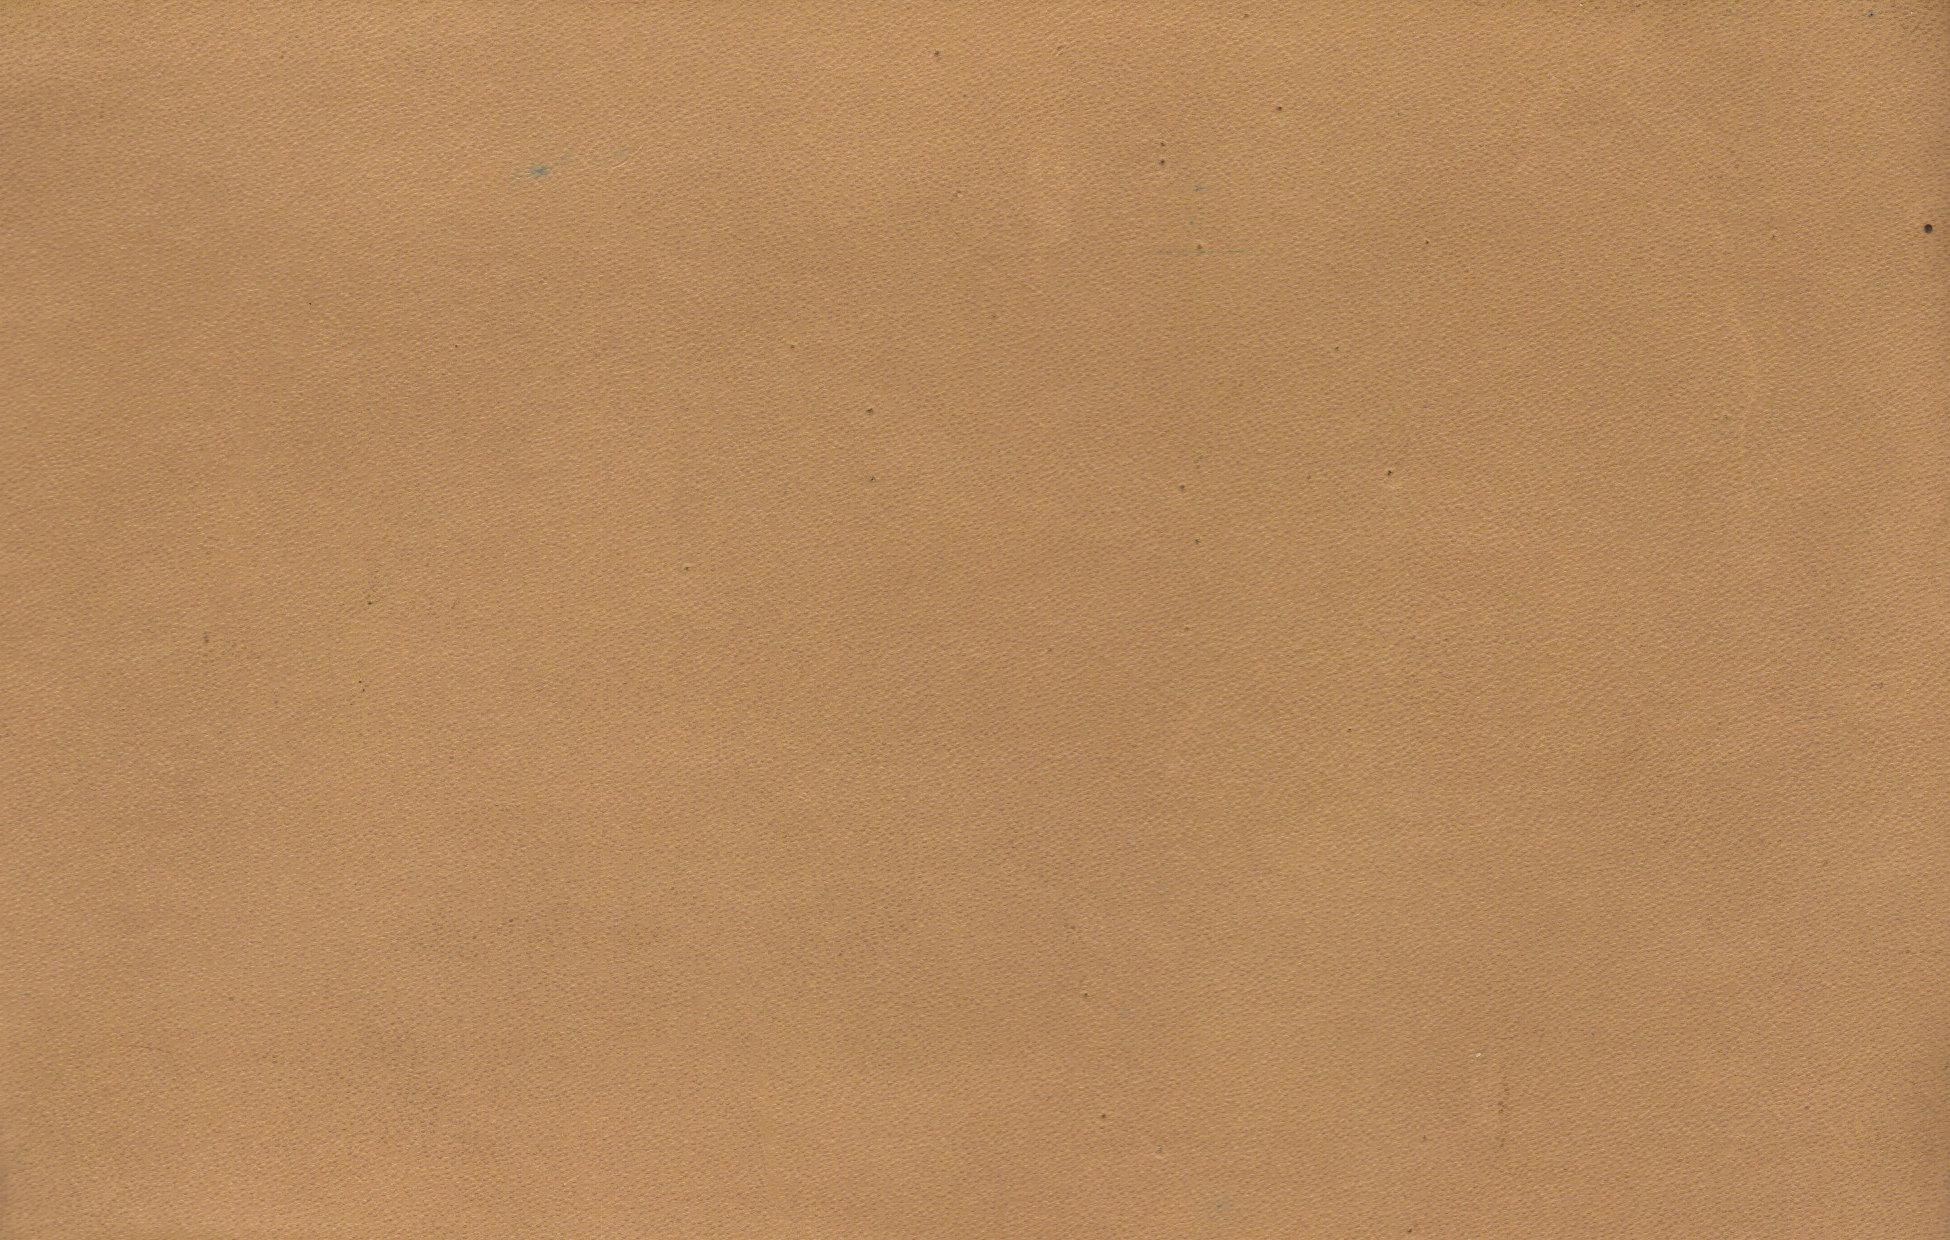 Light Blue Paint Colors Cream Color Leather Texture Jpg Onlygfx Com